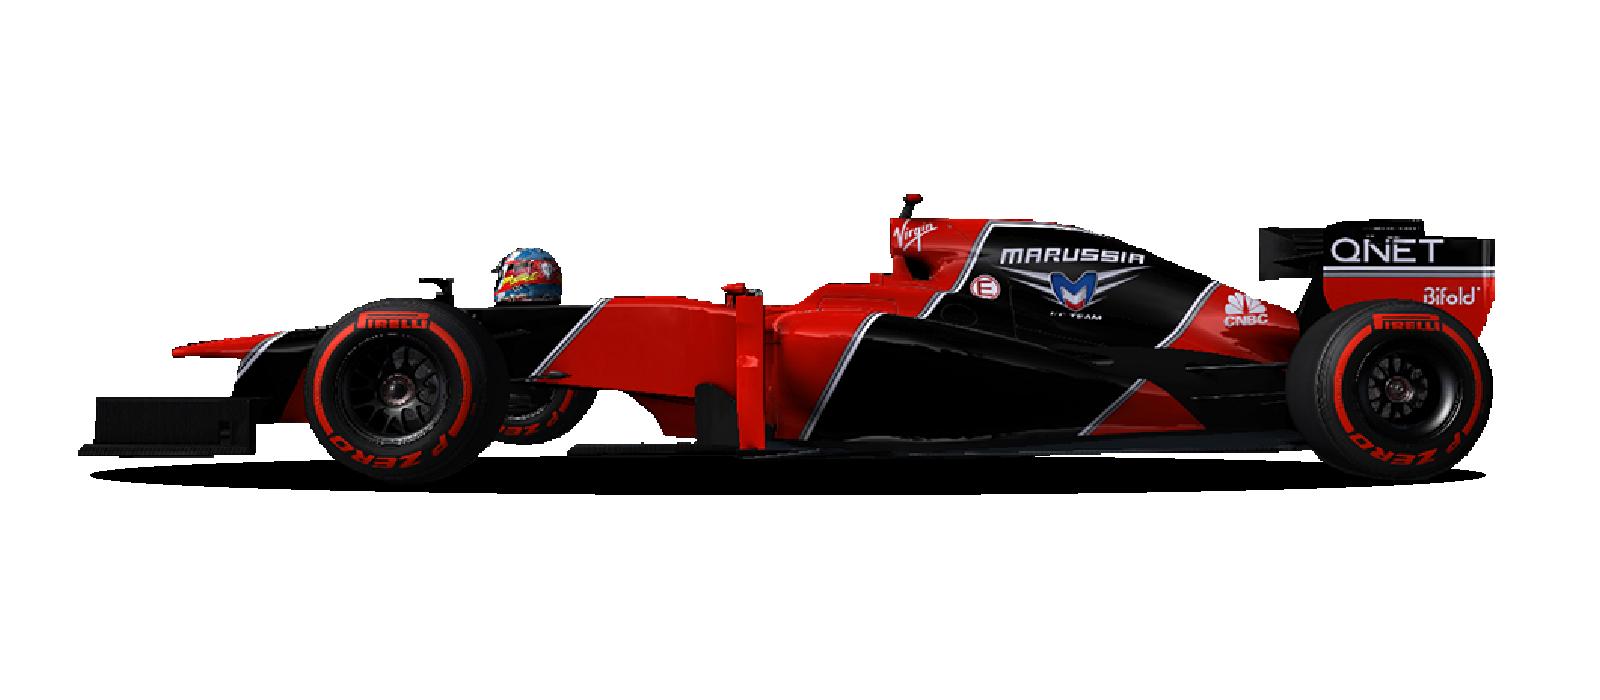 マルシャ F1 チーム